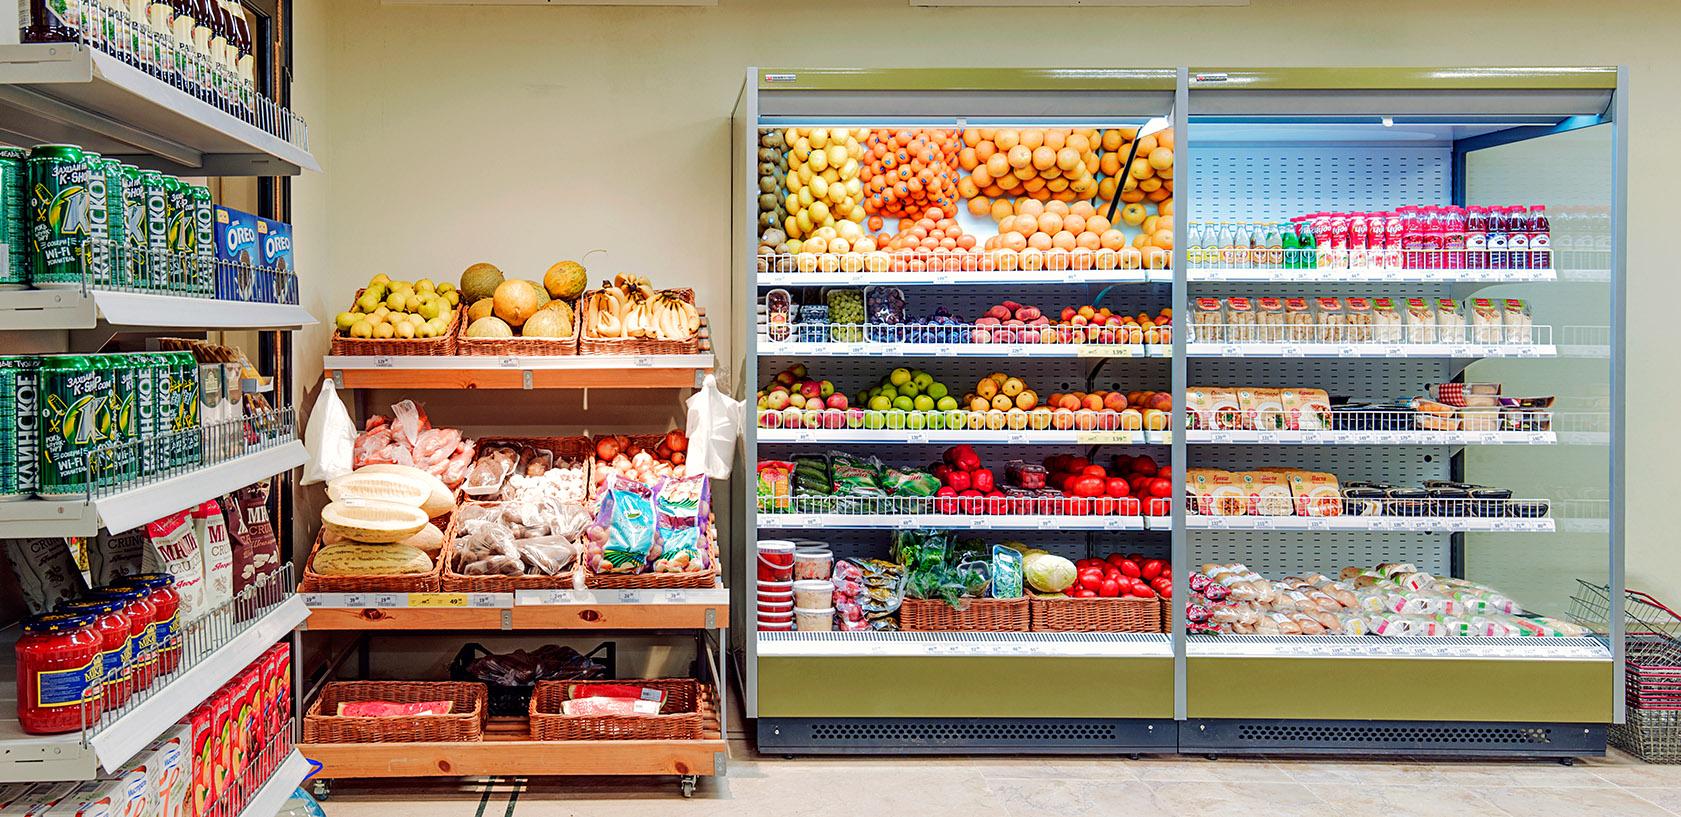 Оснащени холодильным оборудованием магазина Перекресток Экспресс